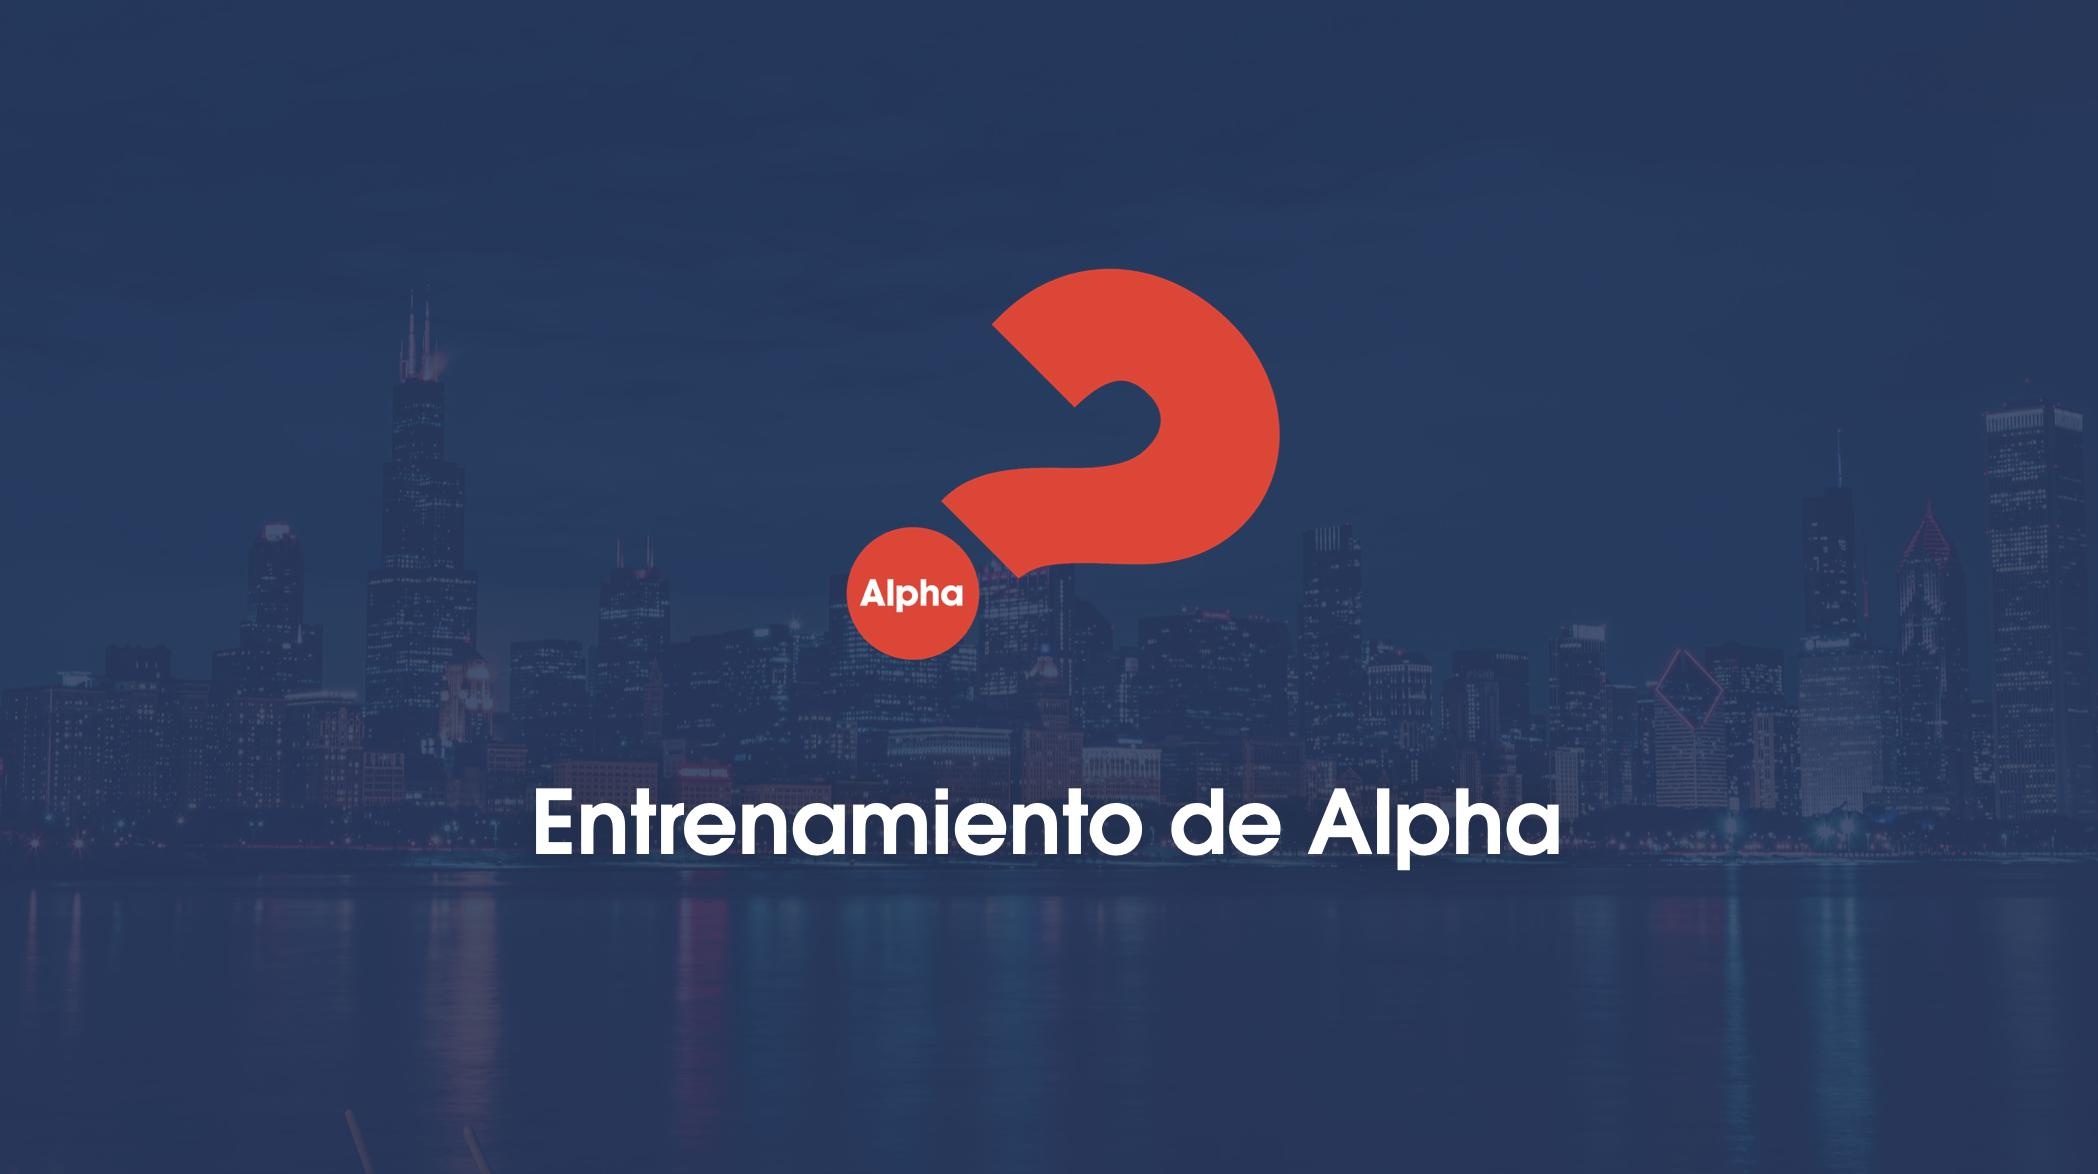 Entrenamiento de Alpha